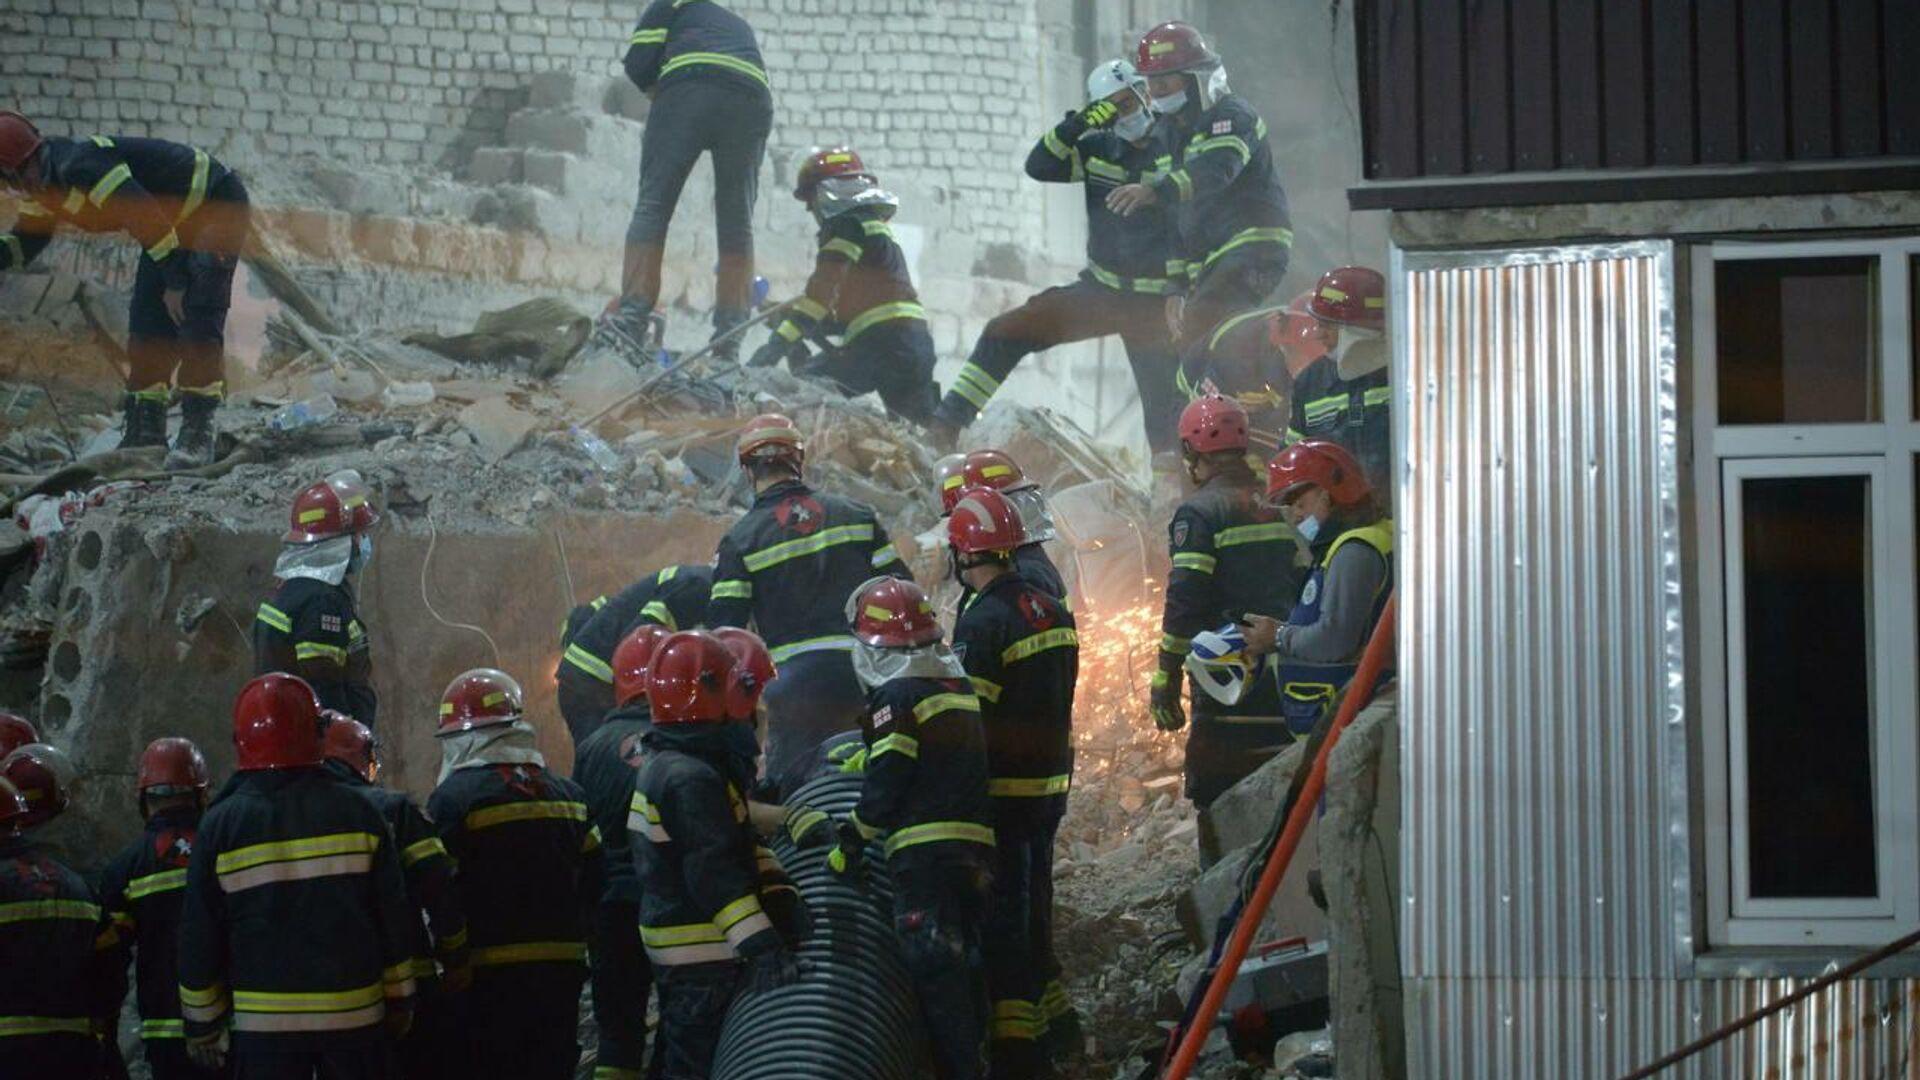 Ночная спасательная операция на месте обрушения жилого дома в Батуми 8 октября 2021 года - Sputnik Грузия, 1920, 09.10.2021